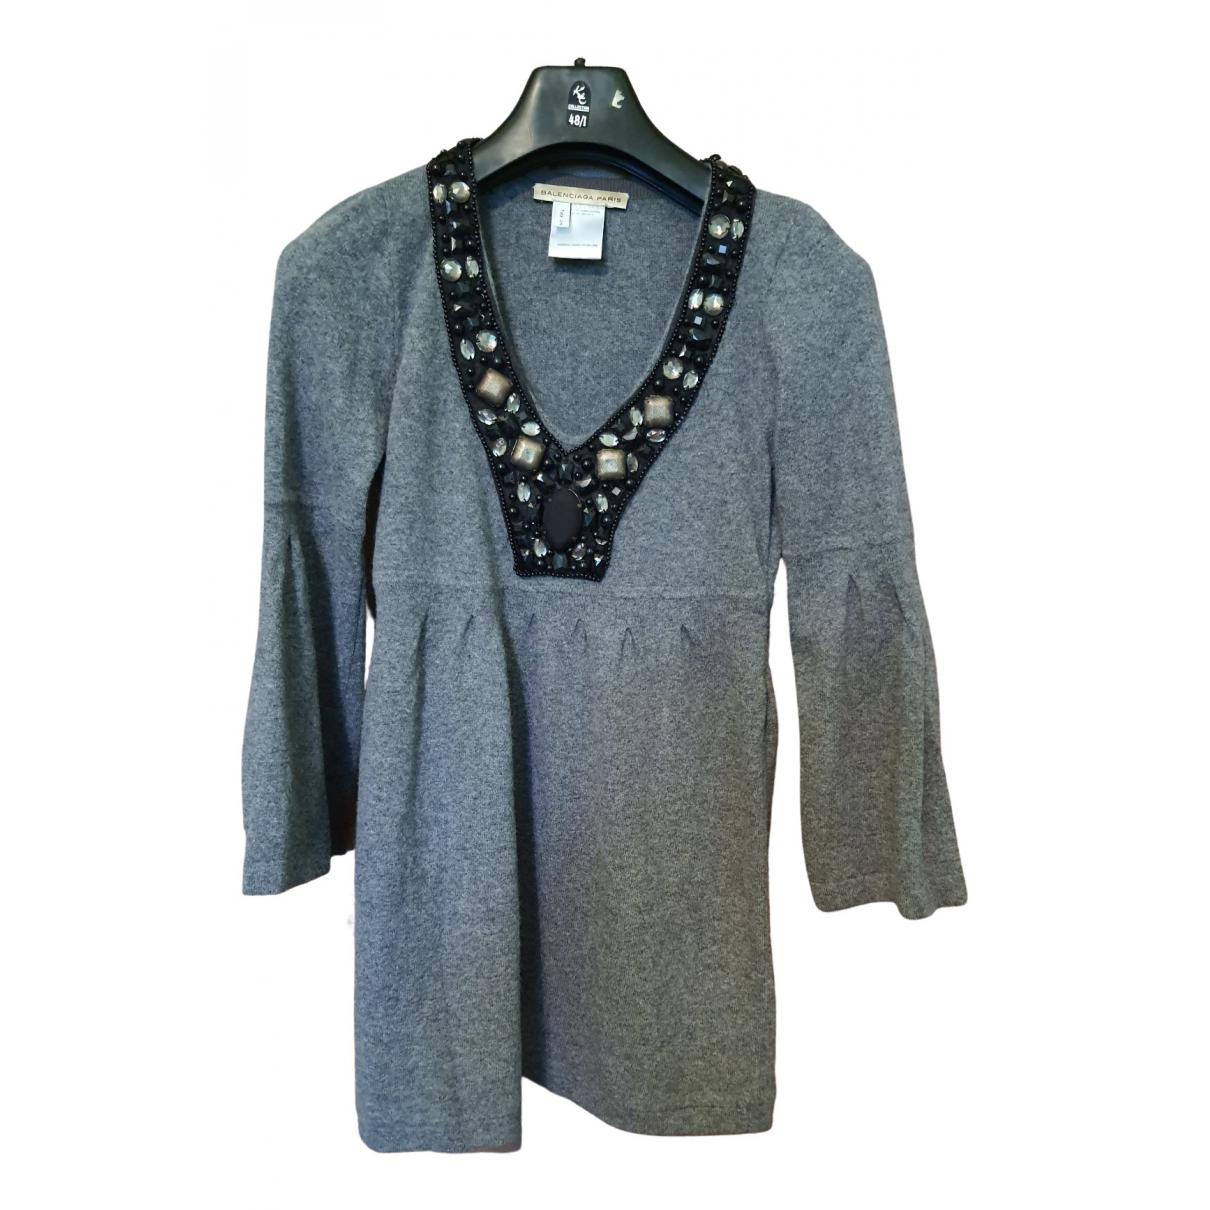 Balenciaga \N Grey Wool dress for Women One Size FR